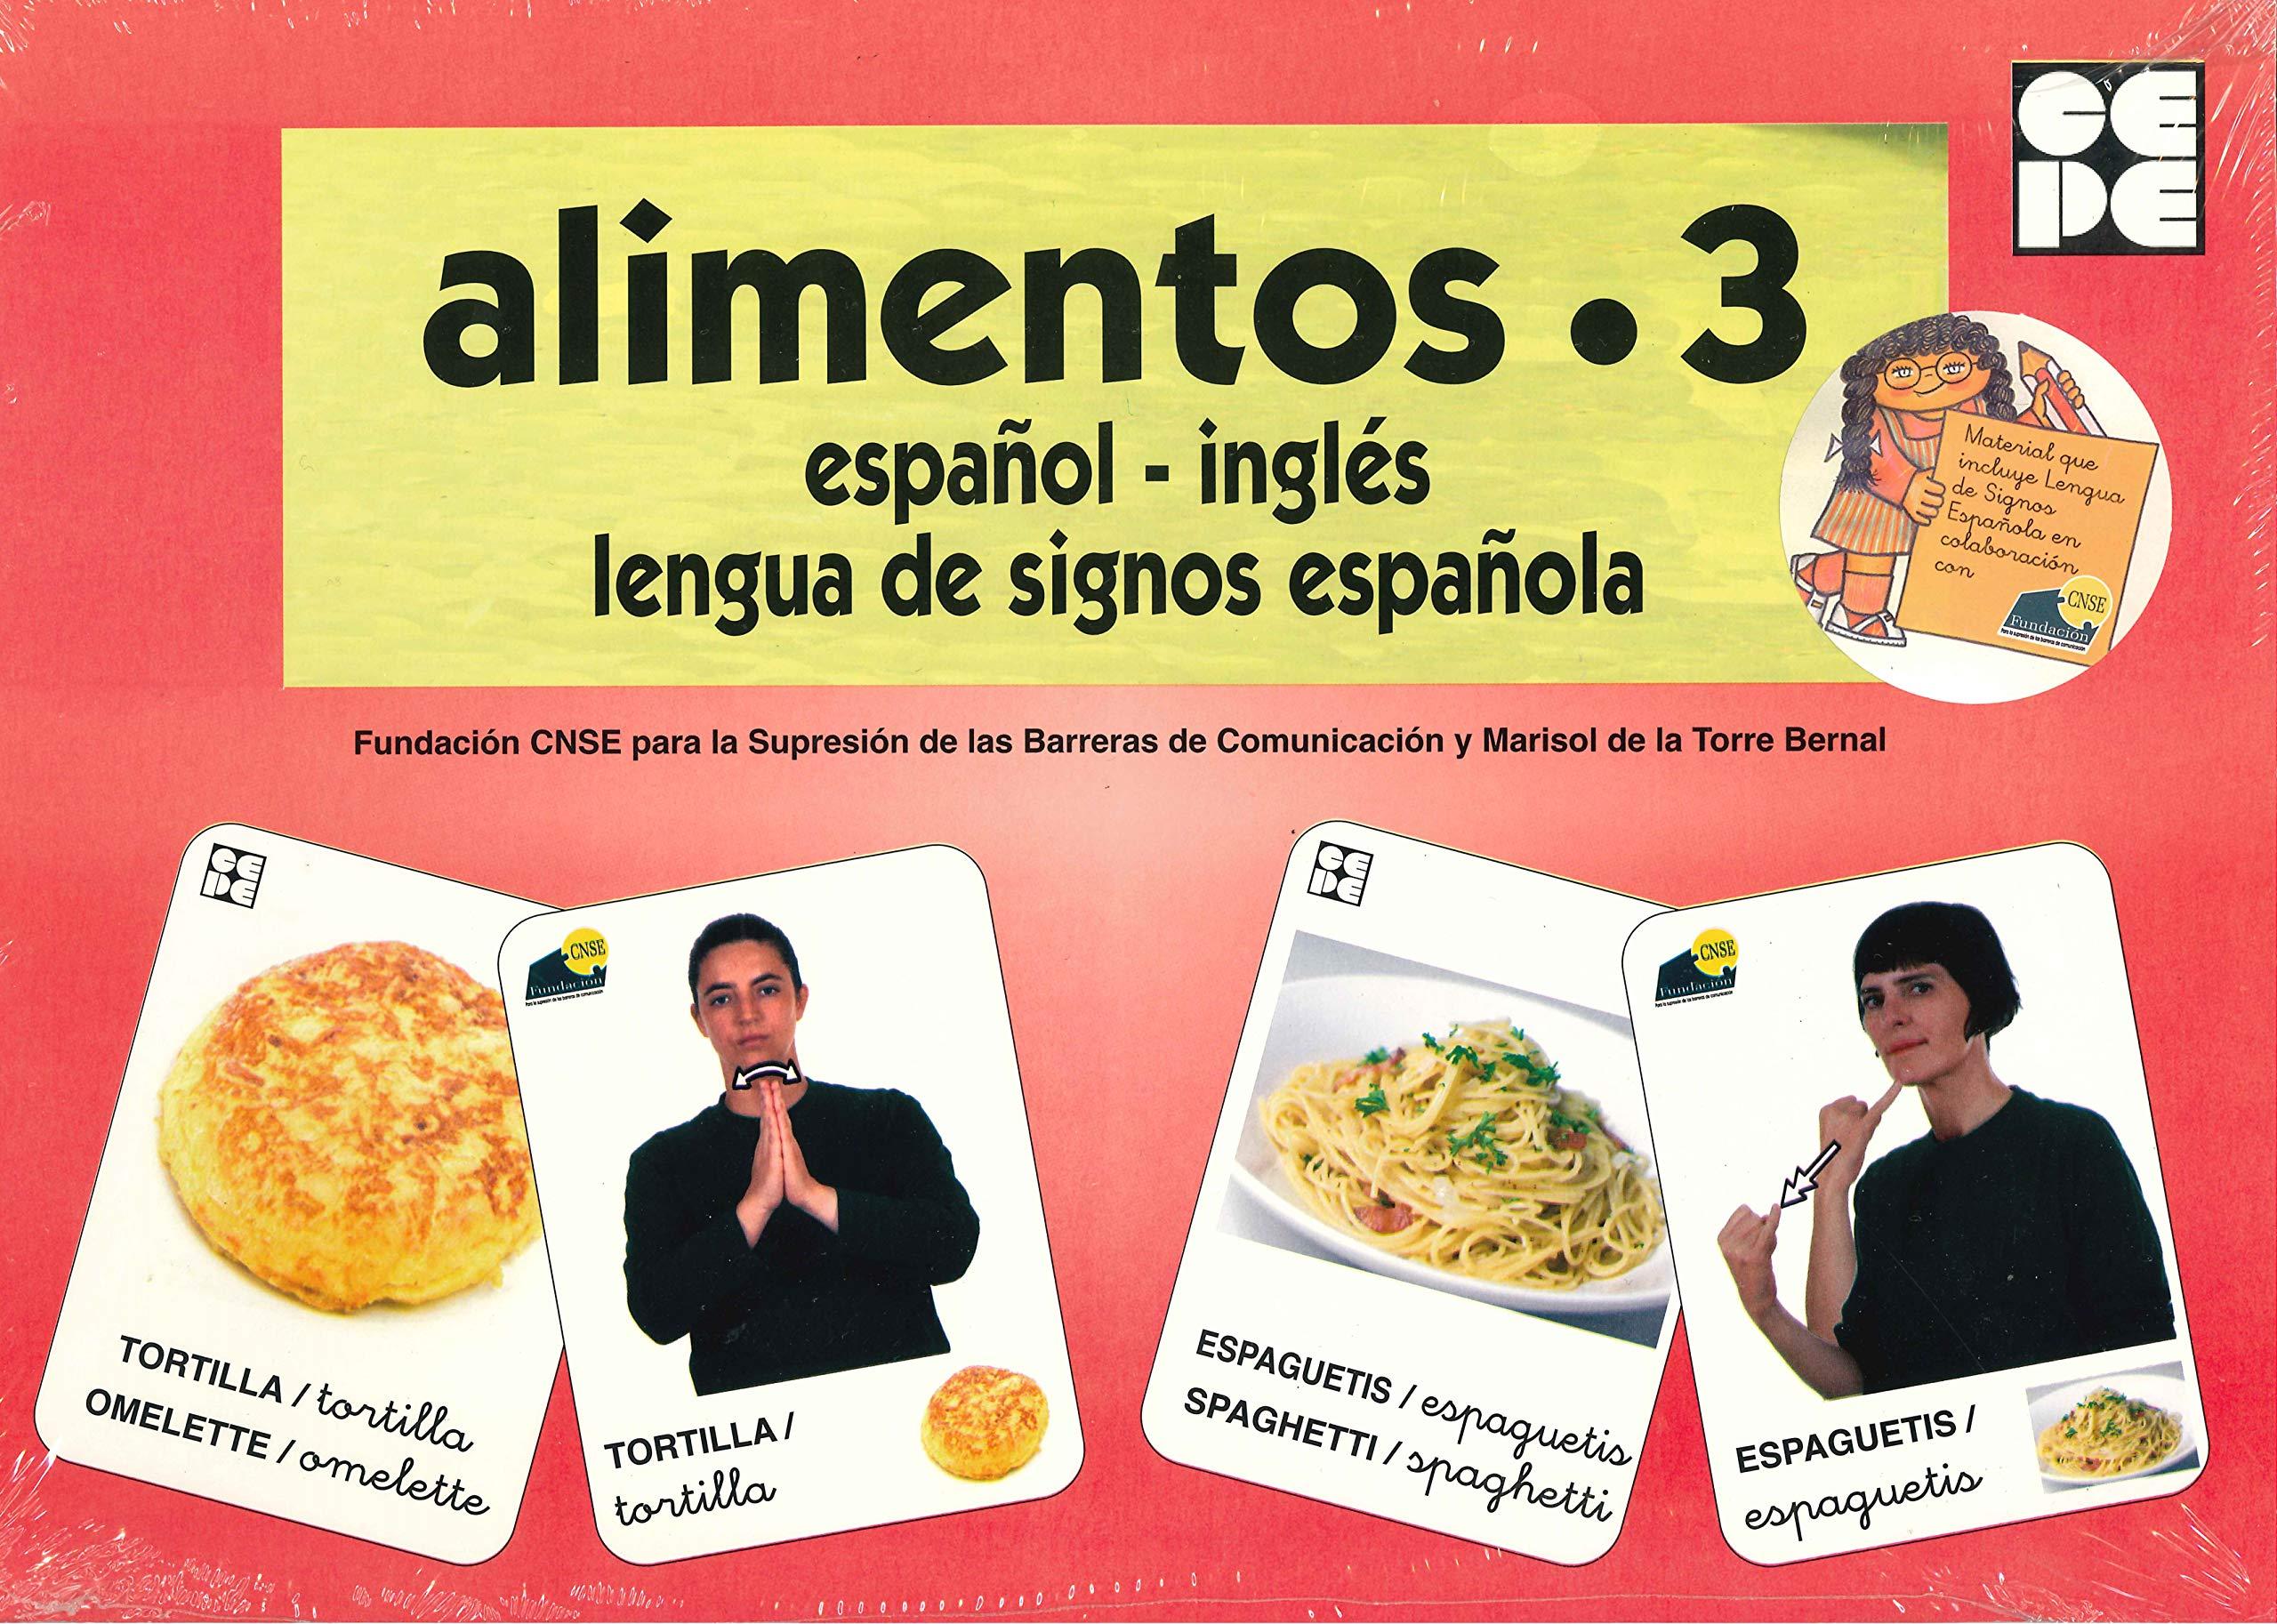 Vocabulario fotográfico elemental - Alimentos 3 elaborados Vocabulario fotográfico elemental español,inglés,lengua de signos española: Amazon.es: CNSE, Fundación, de la Torre Bernal, Marisol: Libros